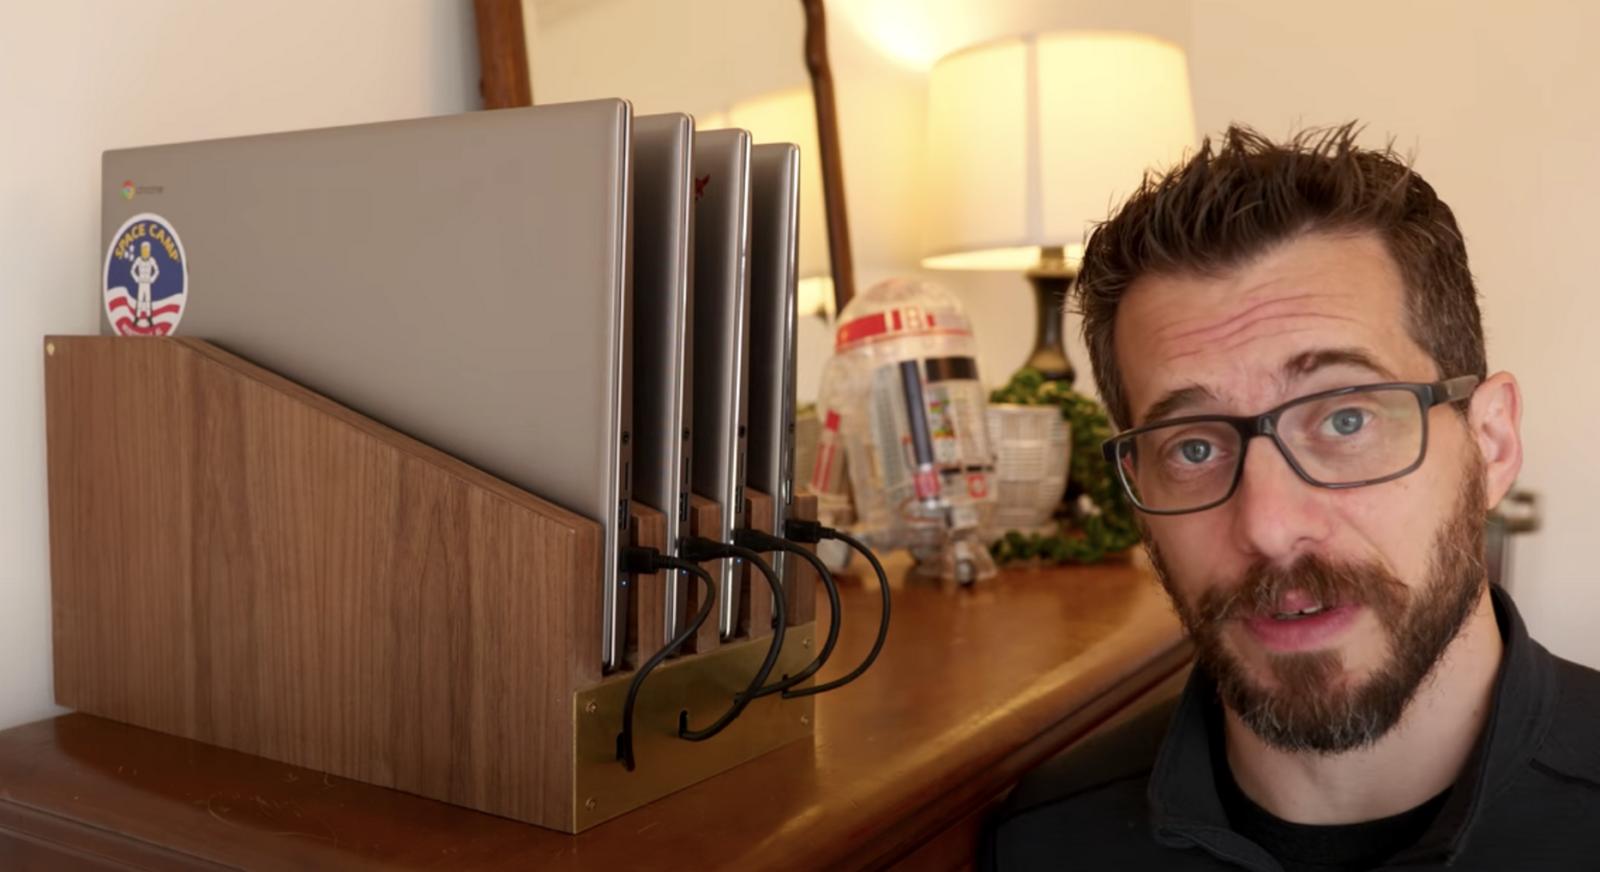 Youtube for Architects- I Like To Make Stuff - Sheet4